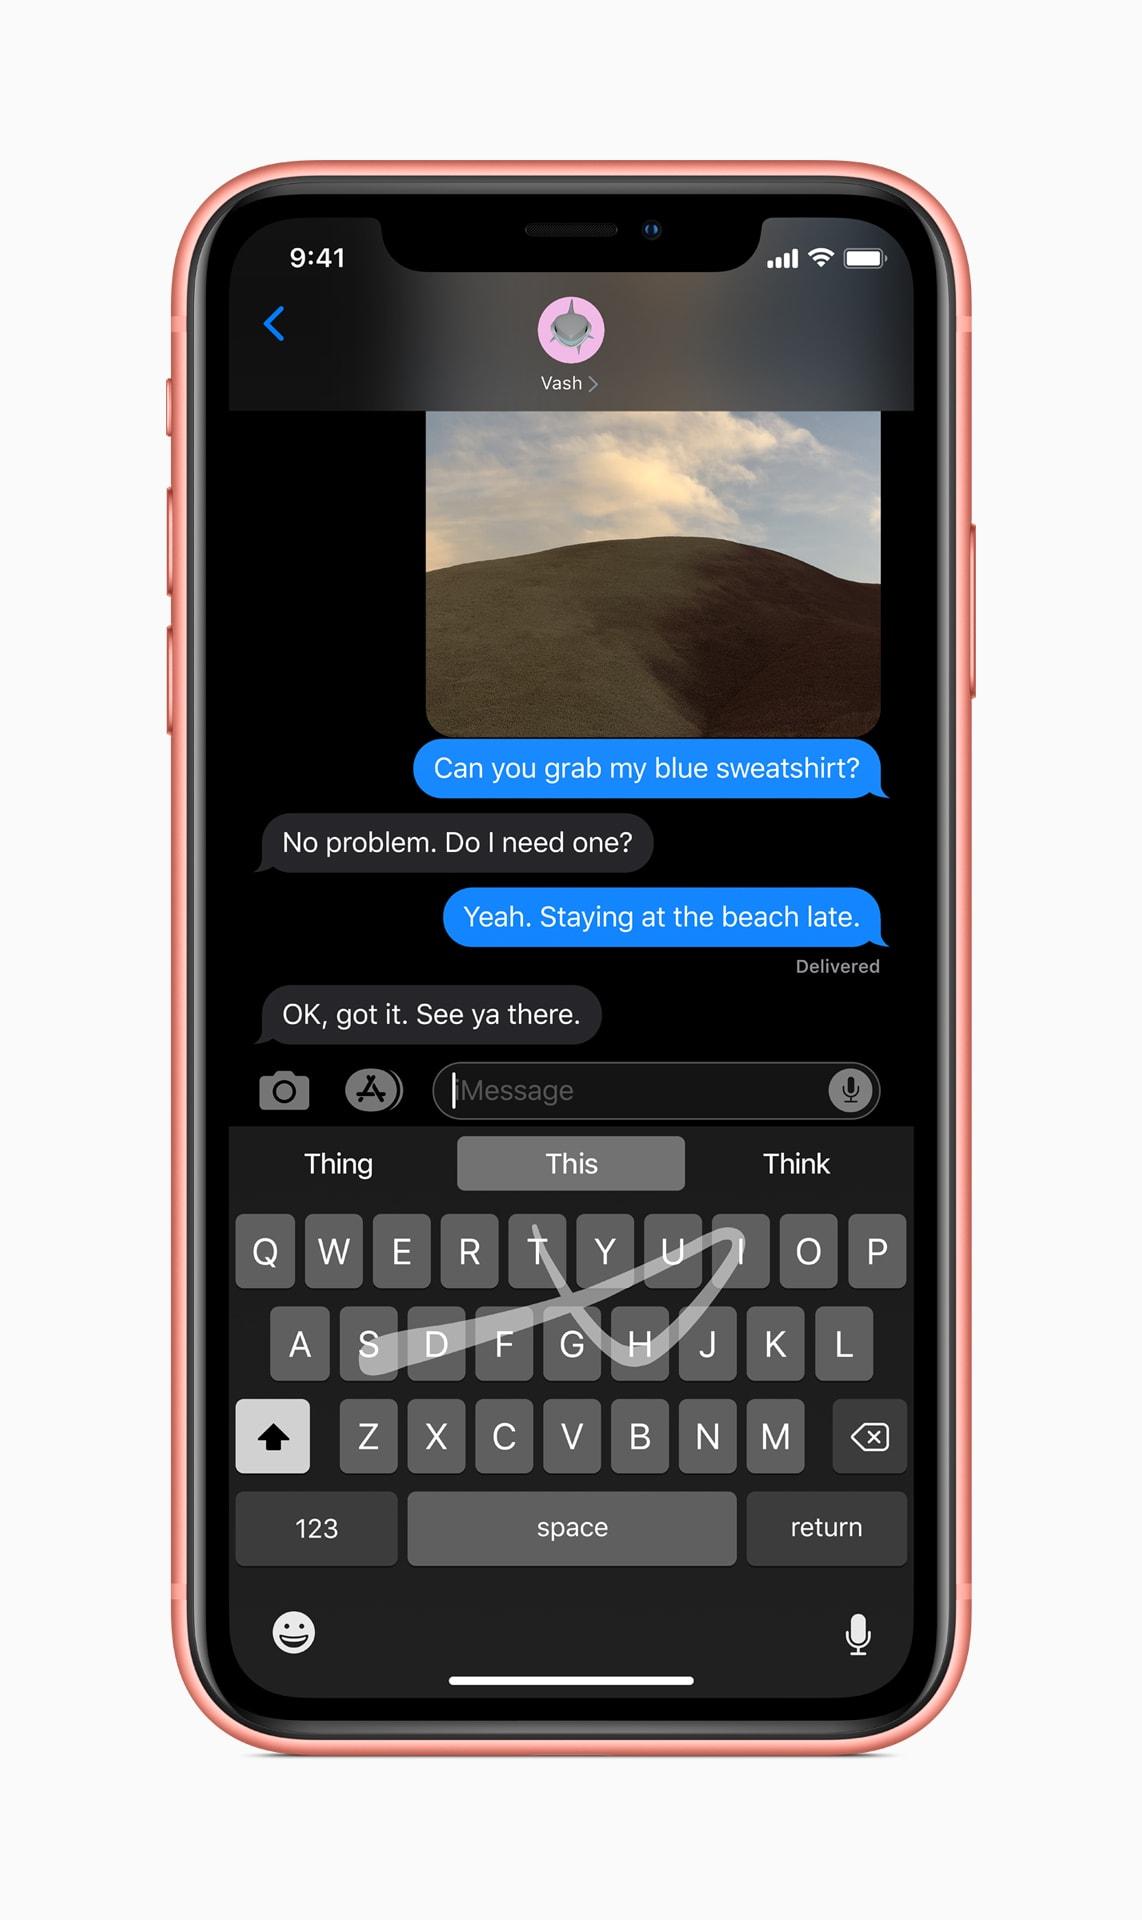 QuickPath on iOS 13 Keyboard